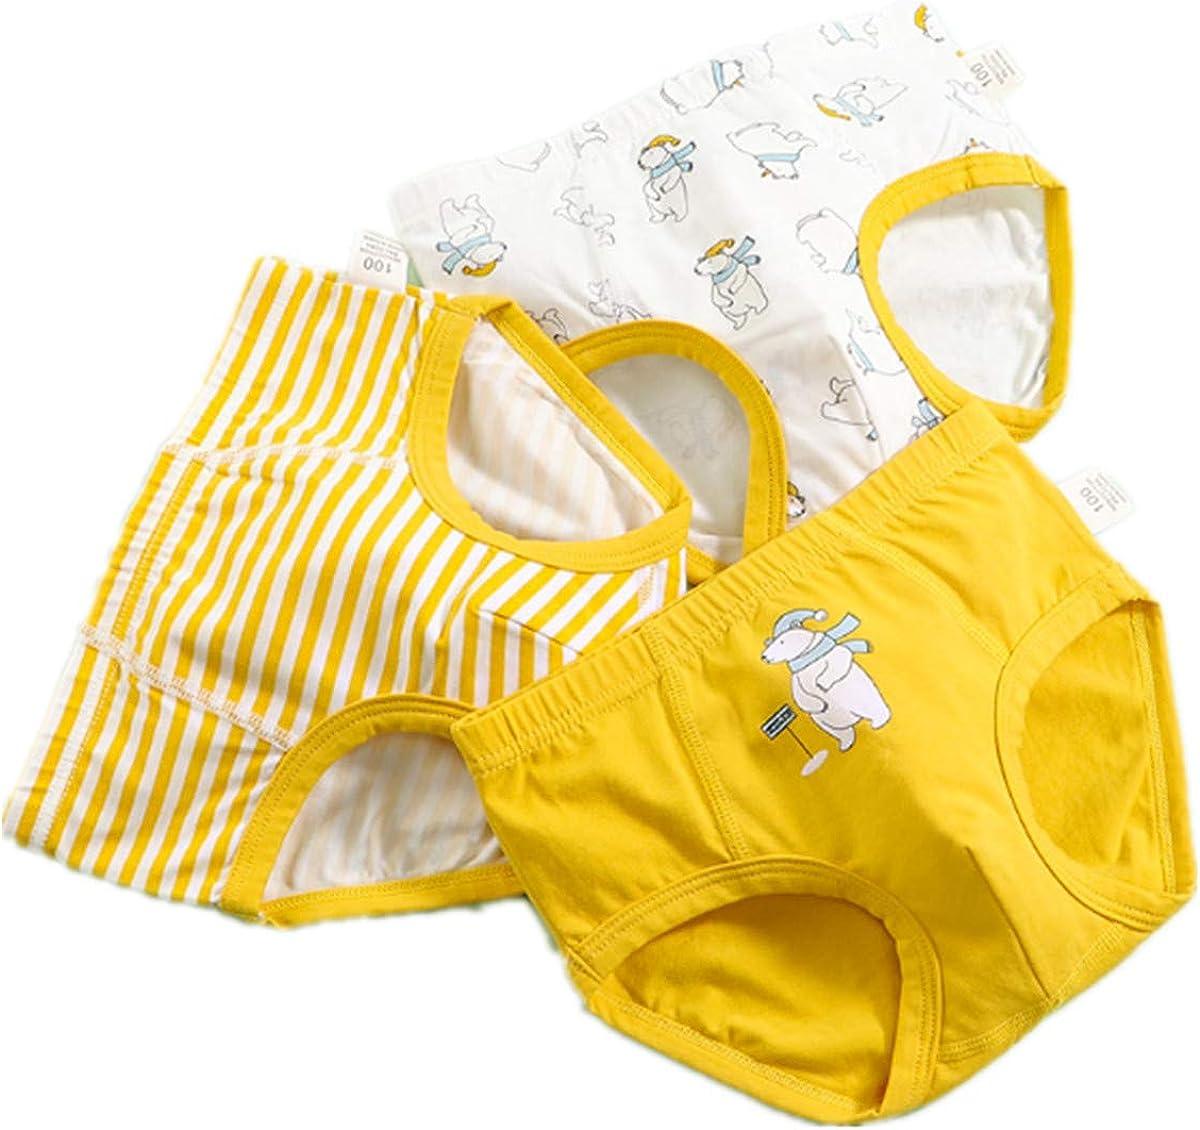 FOFJR Baby Soft Cotton Underwear Little Boys Briefs Undies Children Panties 3 Pack